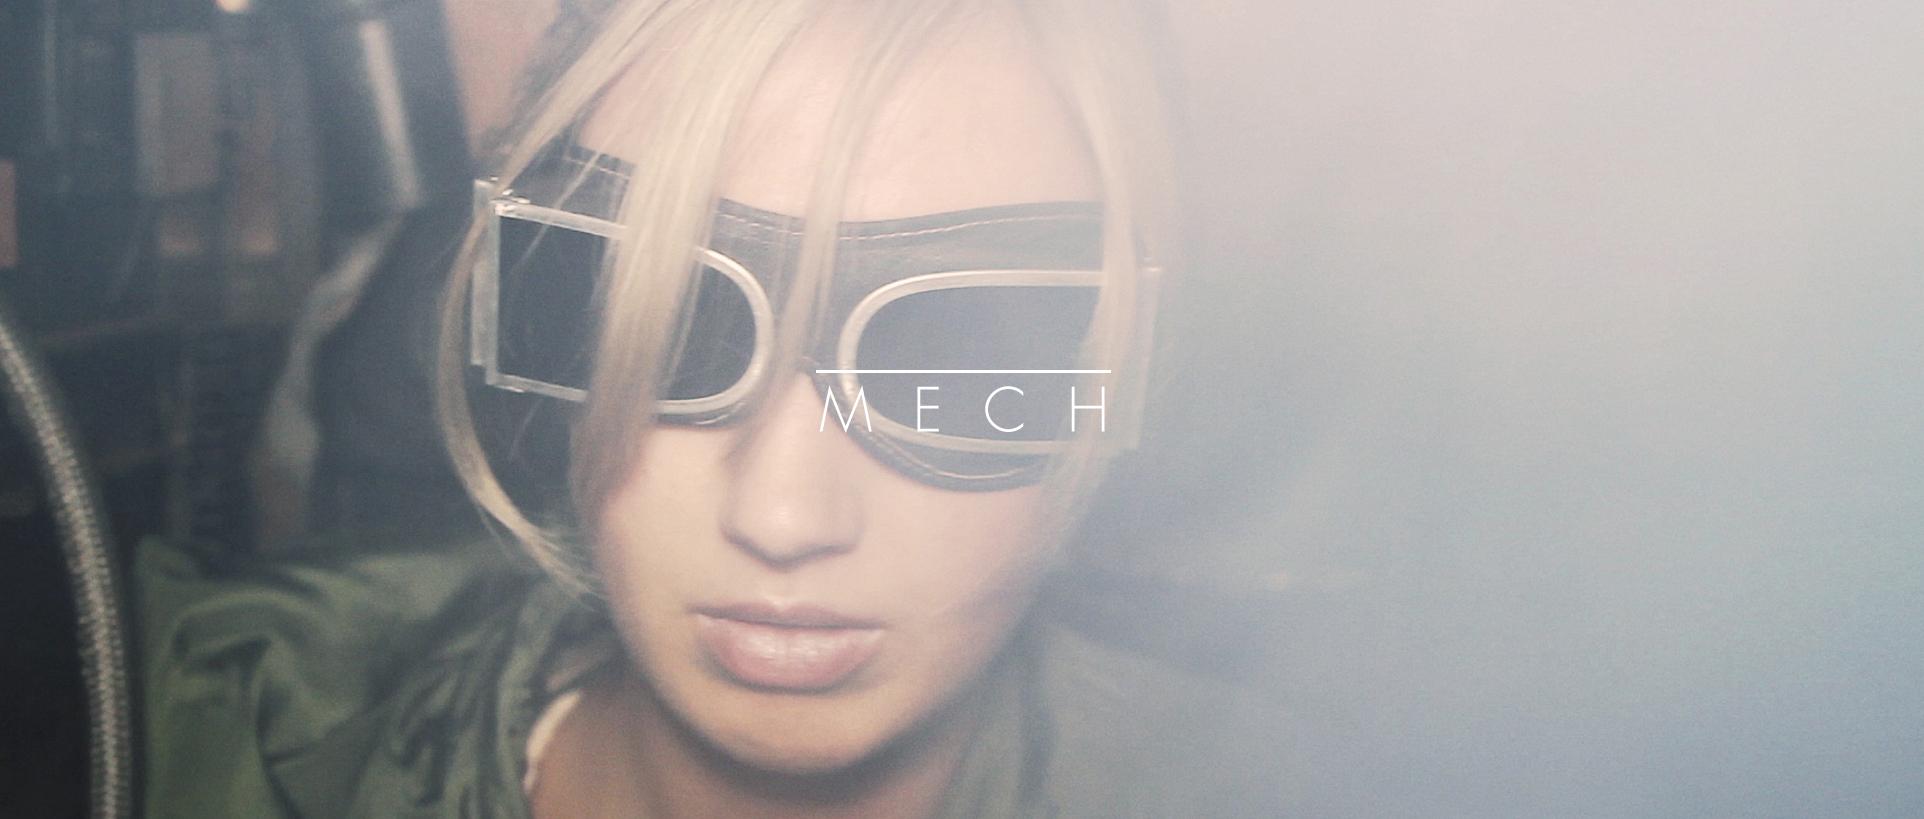 MechHeader